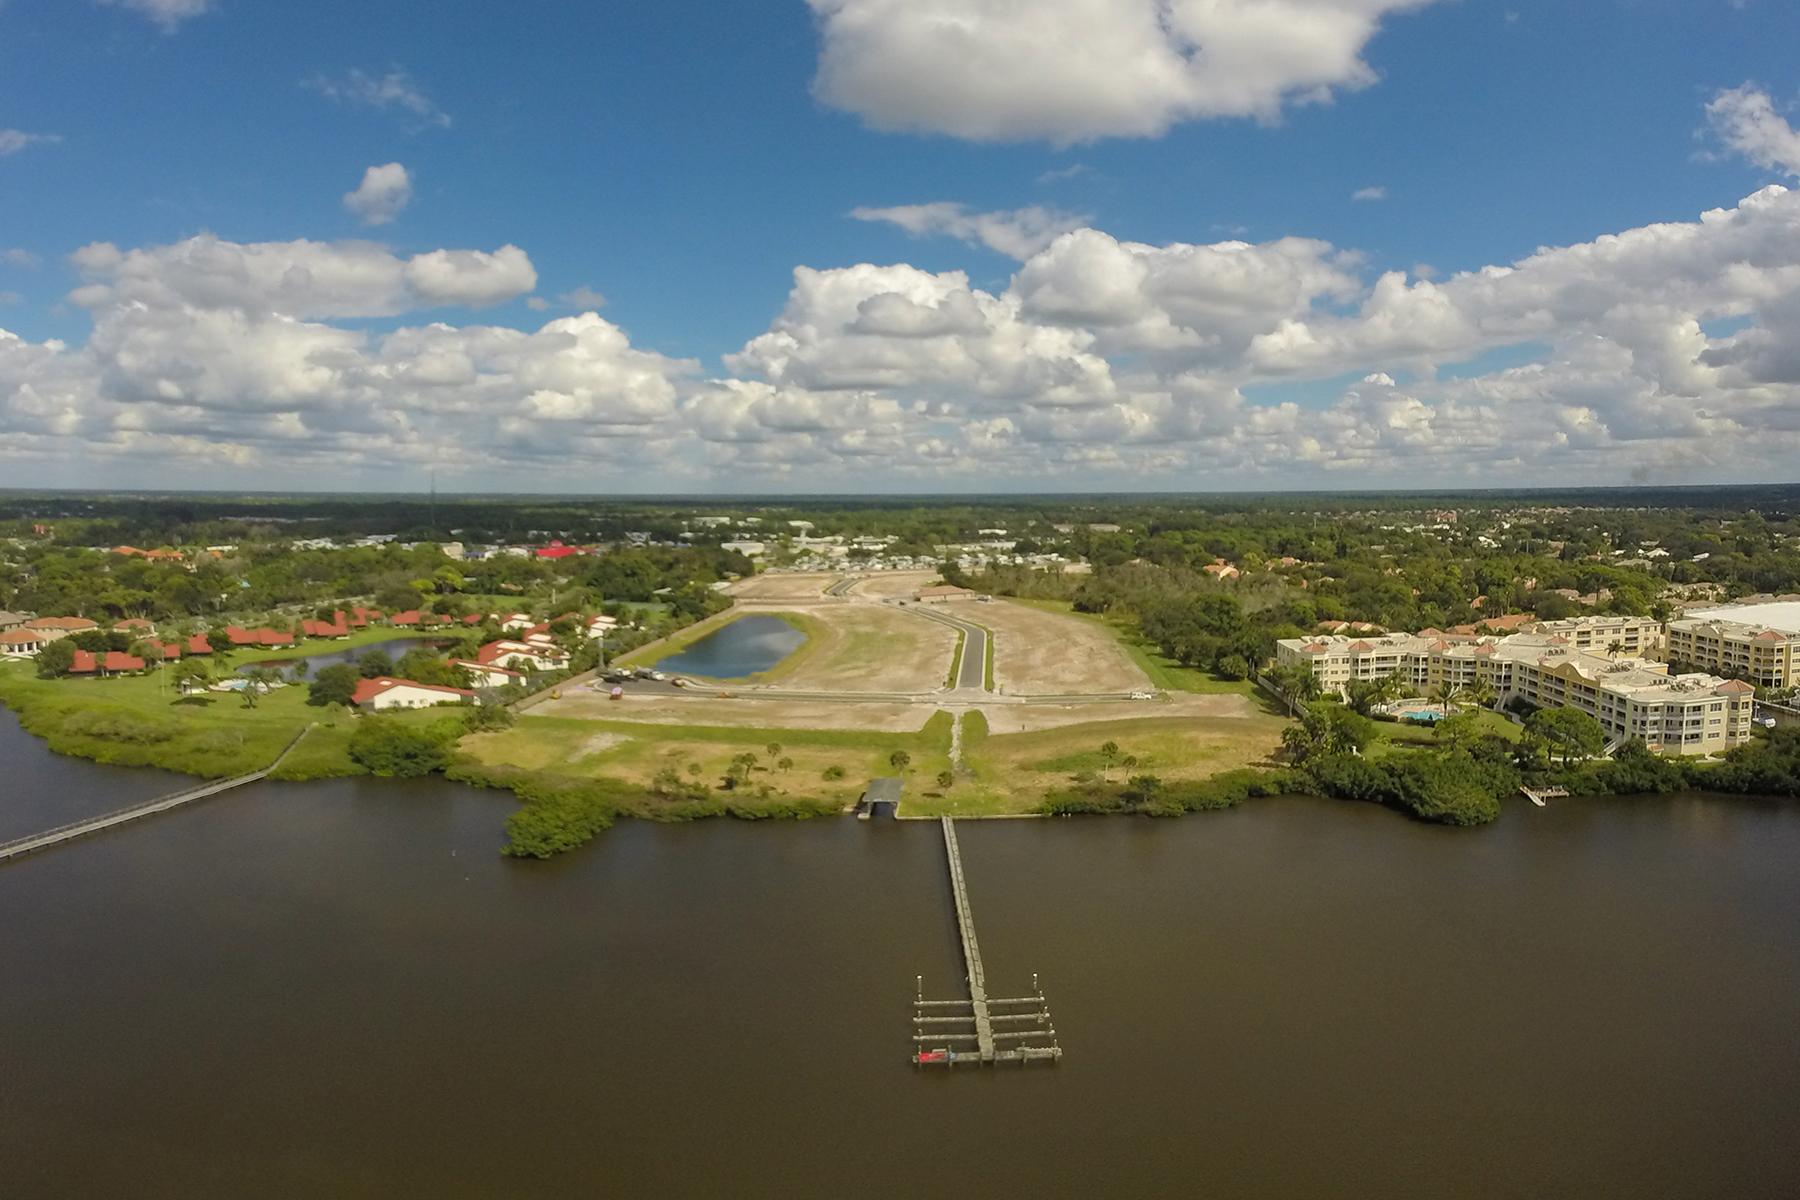 Земля для того Продажа на BAYSIDE 35 Masthead Dr 35 Osprey, Флорида 34229 Соединенные Штаты